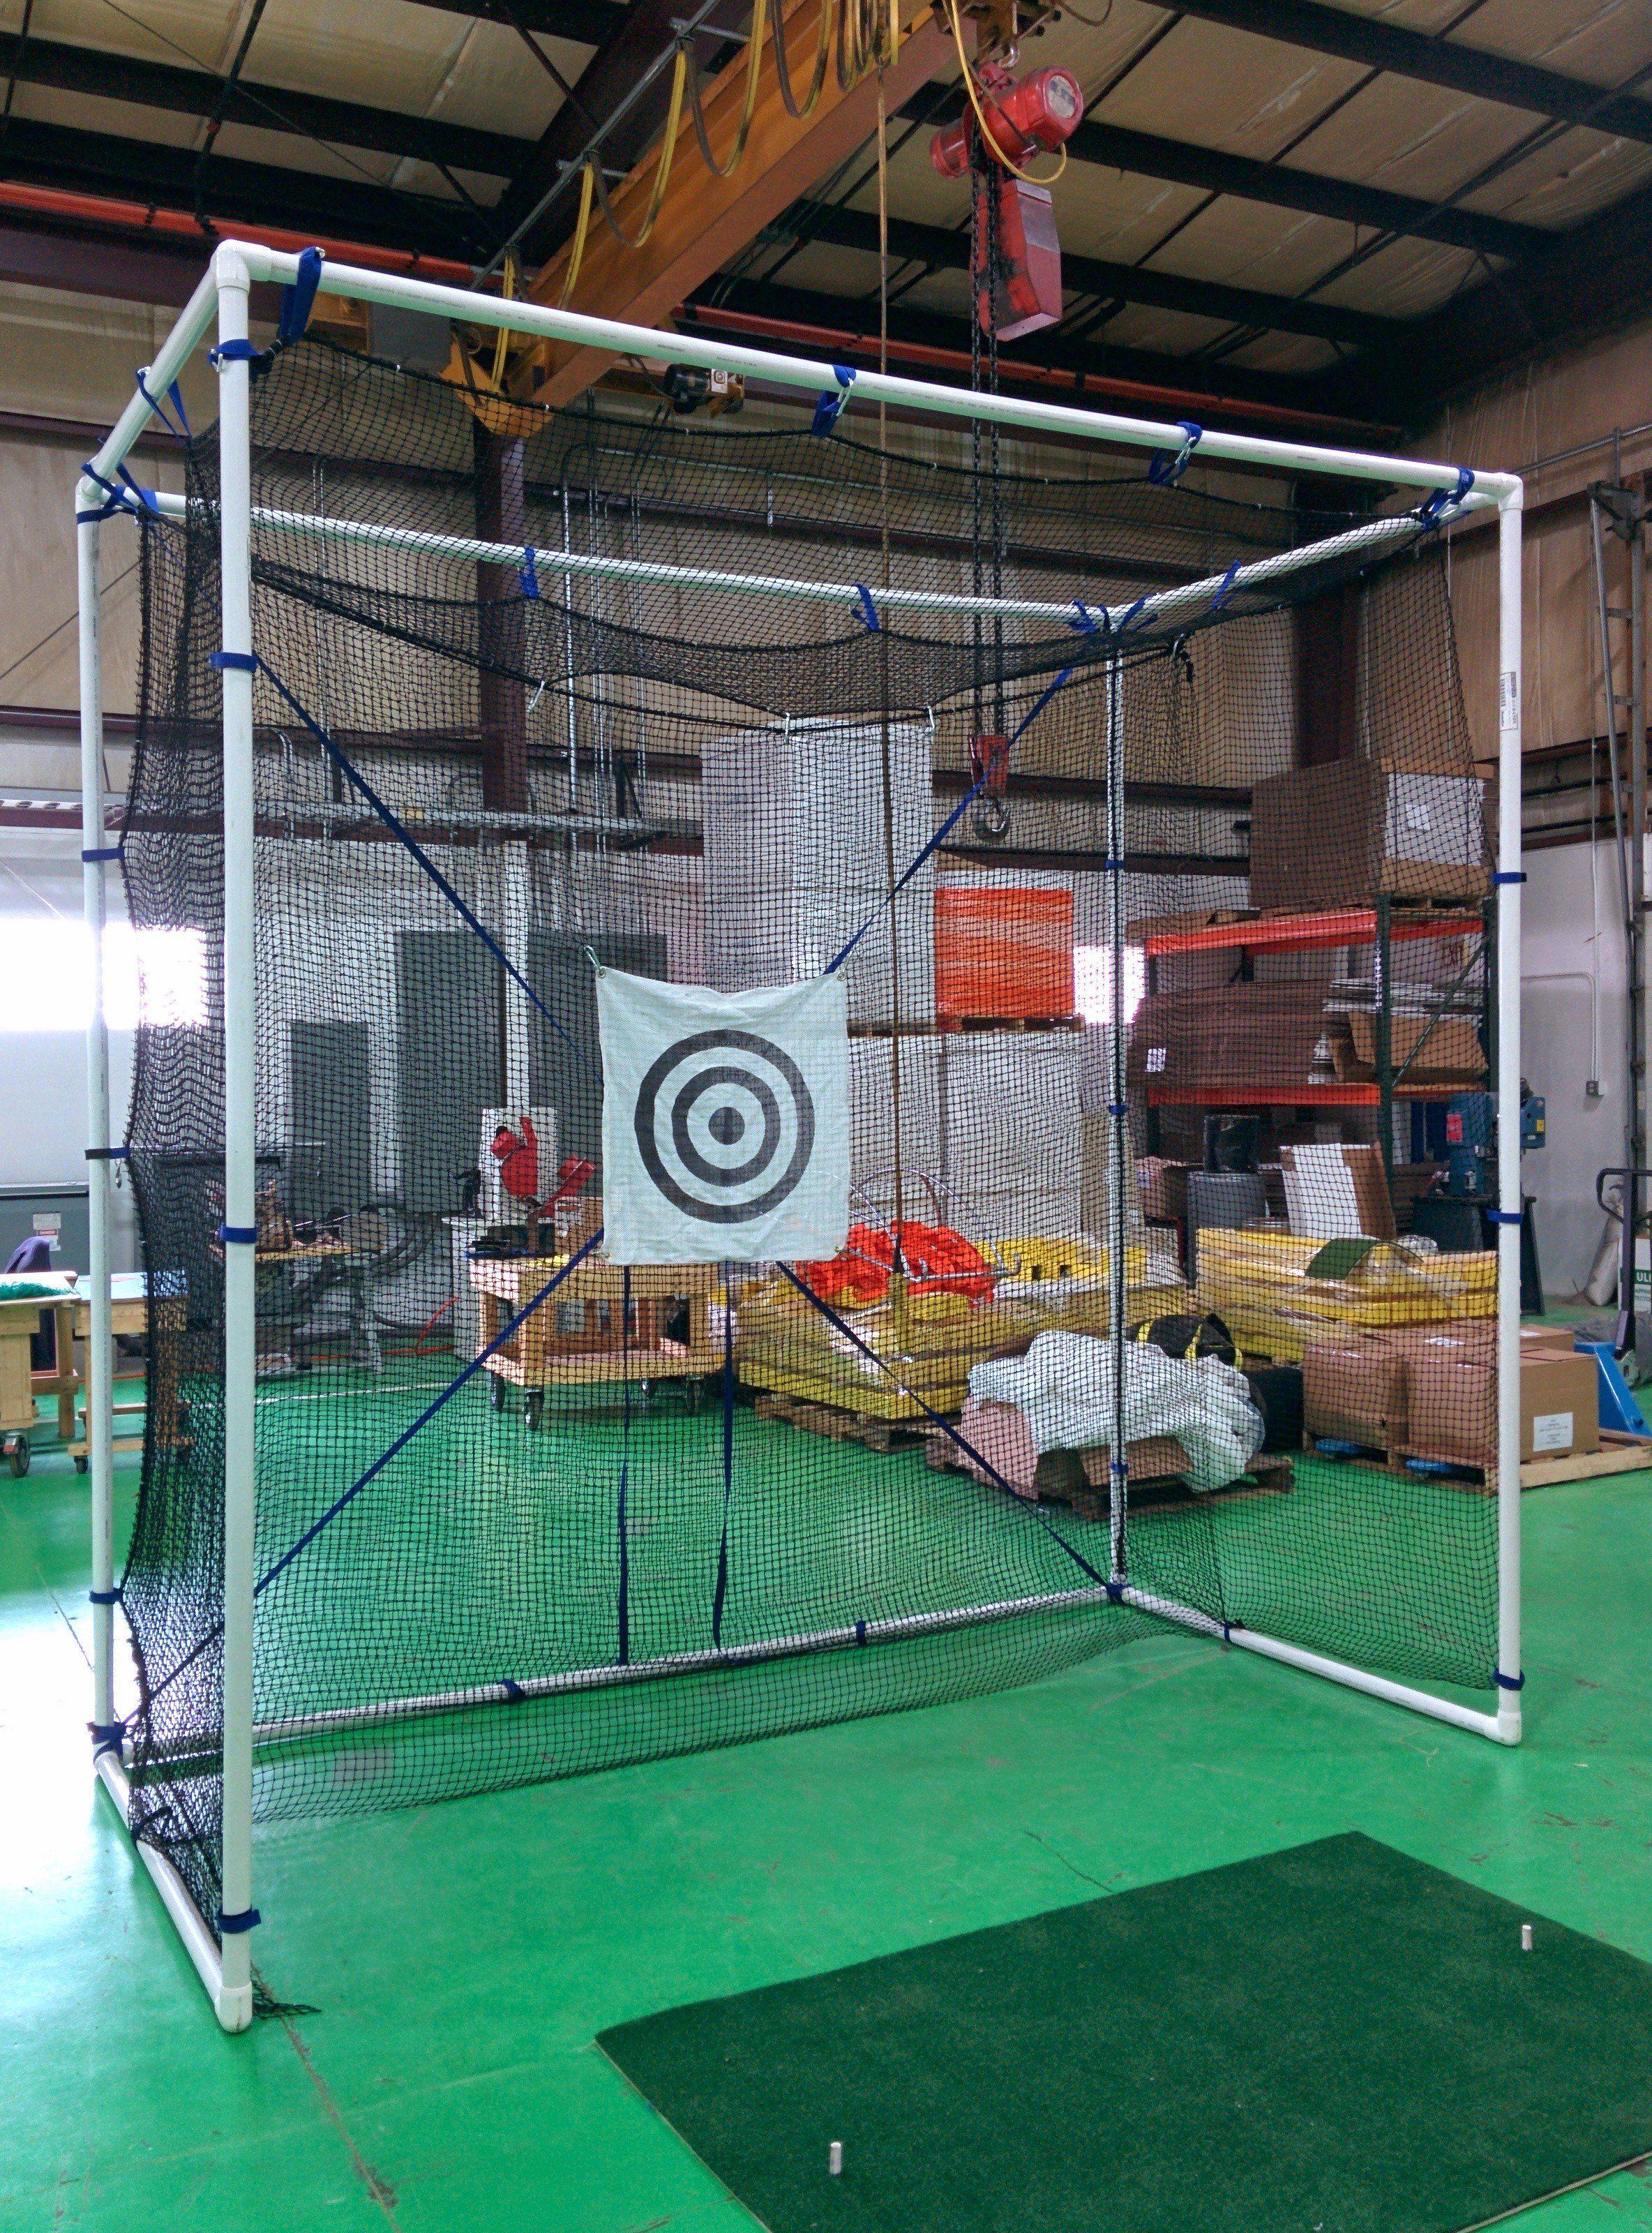 Medium golf cage off set Golf net, Golf driving net